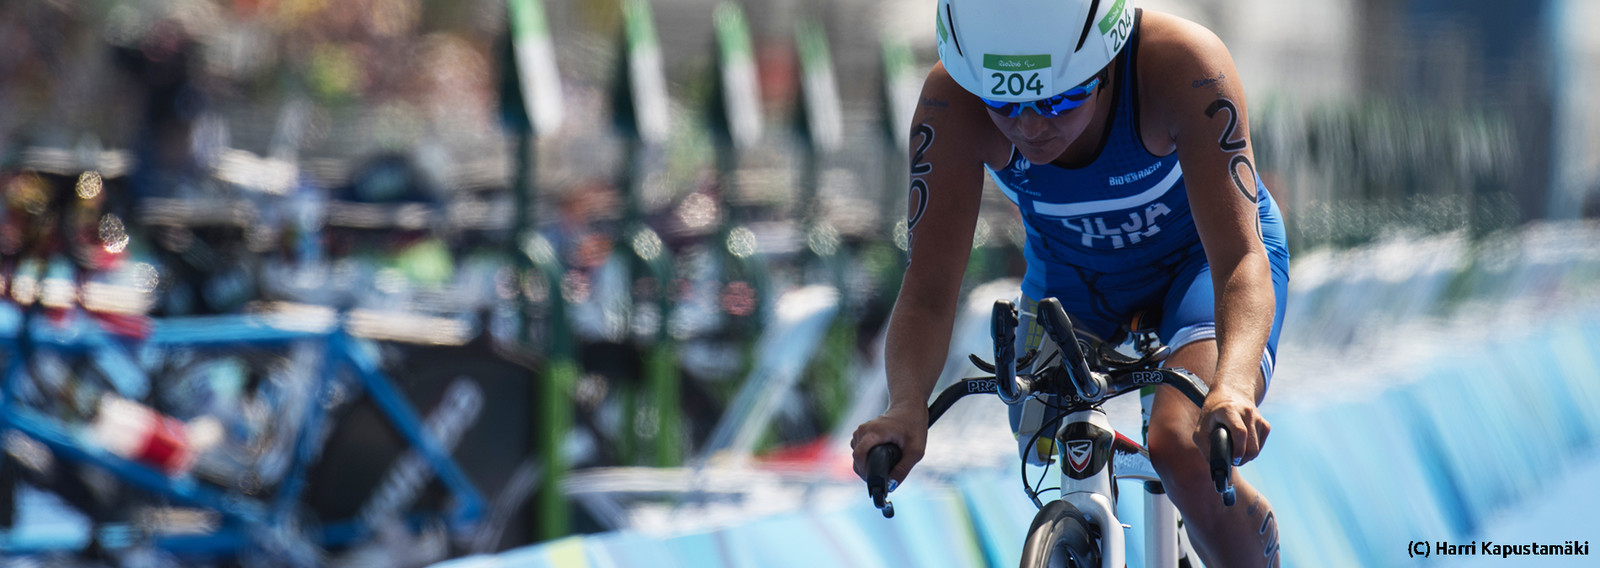 Otsikkokuva aiheesta Triathlon